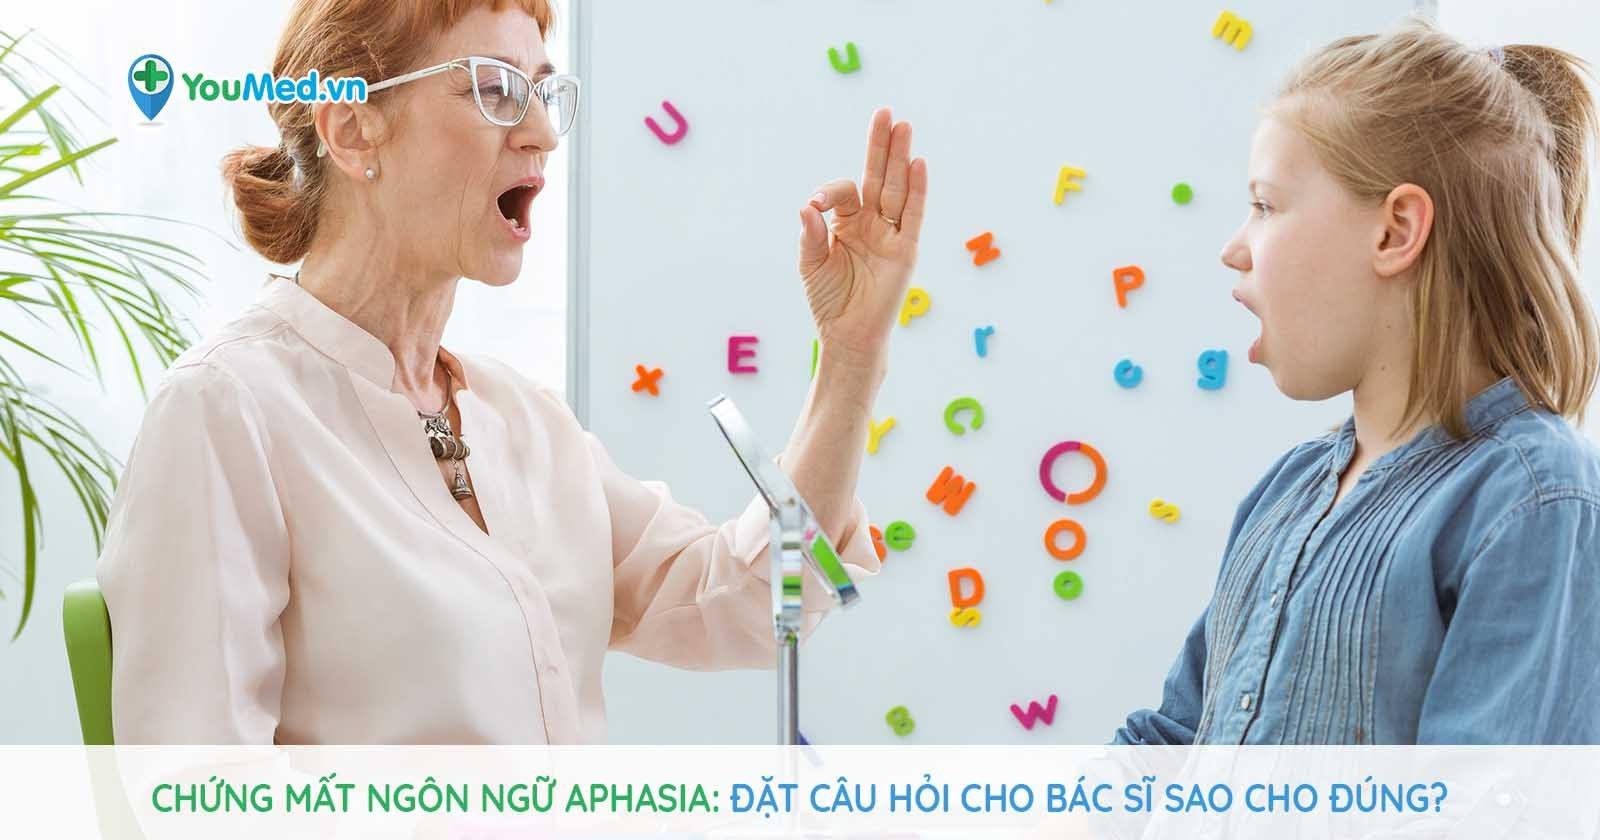 Chứng mất ngôn ngữ Aphasia: đặt câu hỏi cho bác sĩ sao cho đúng?